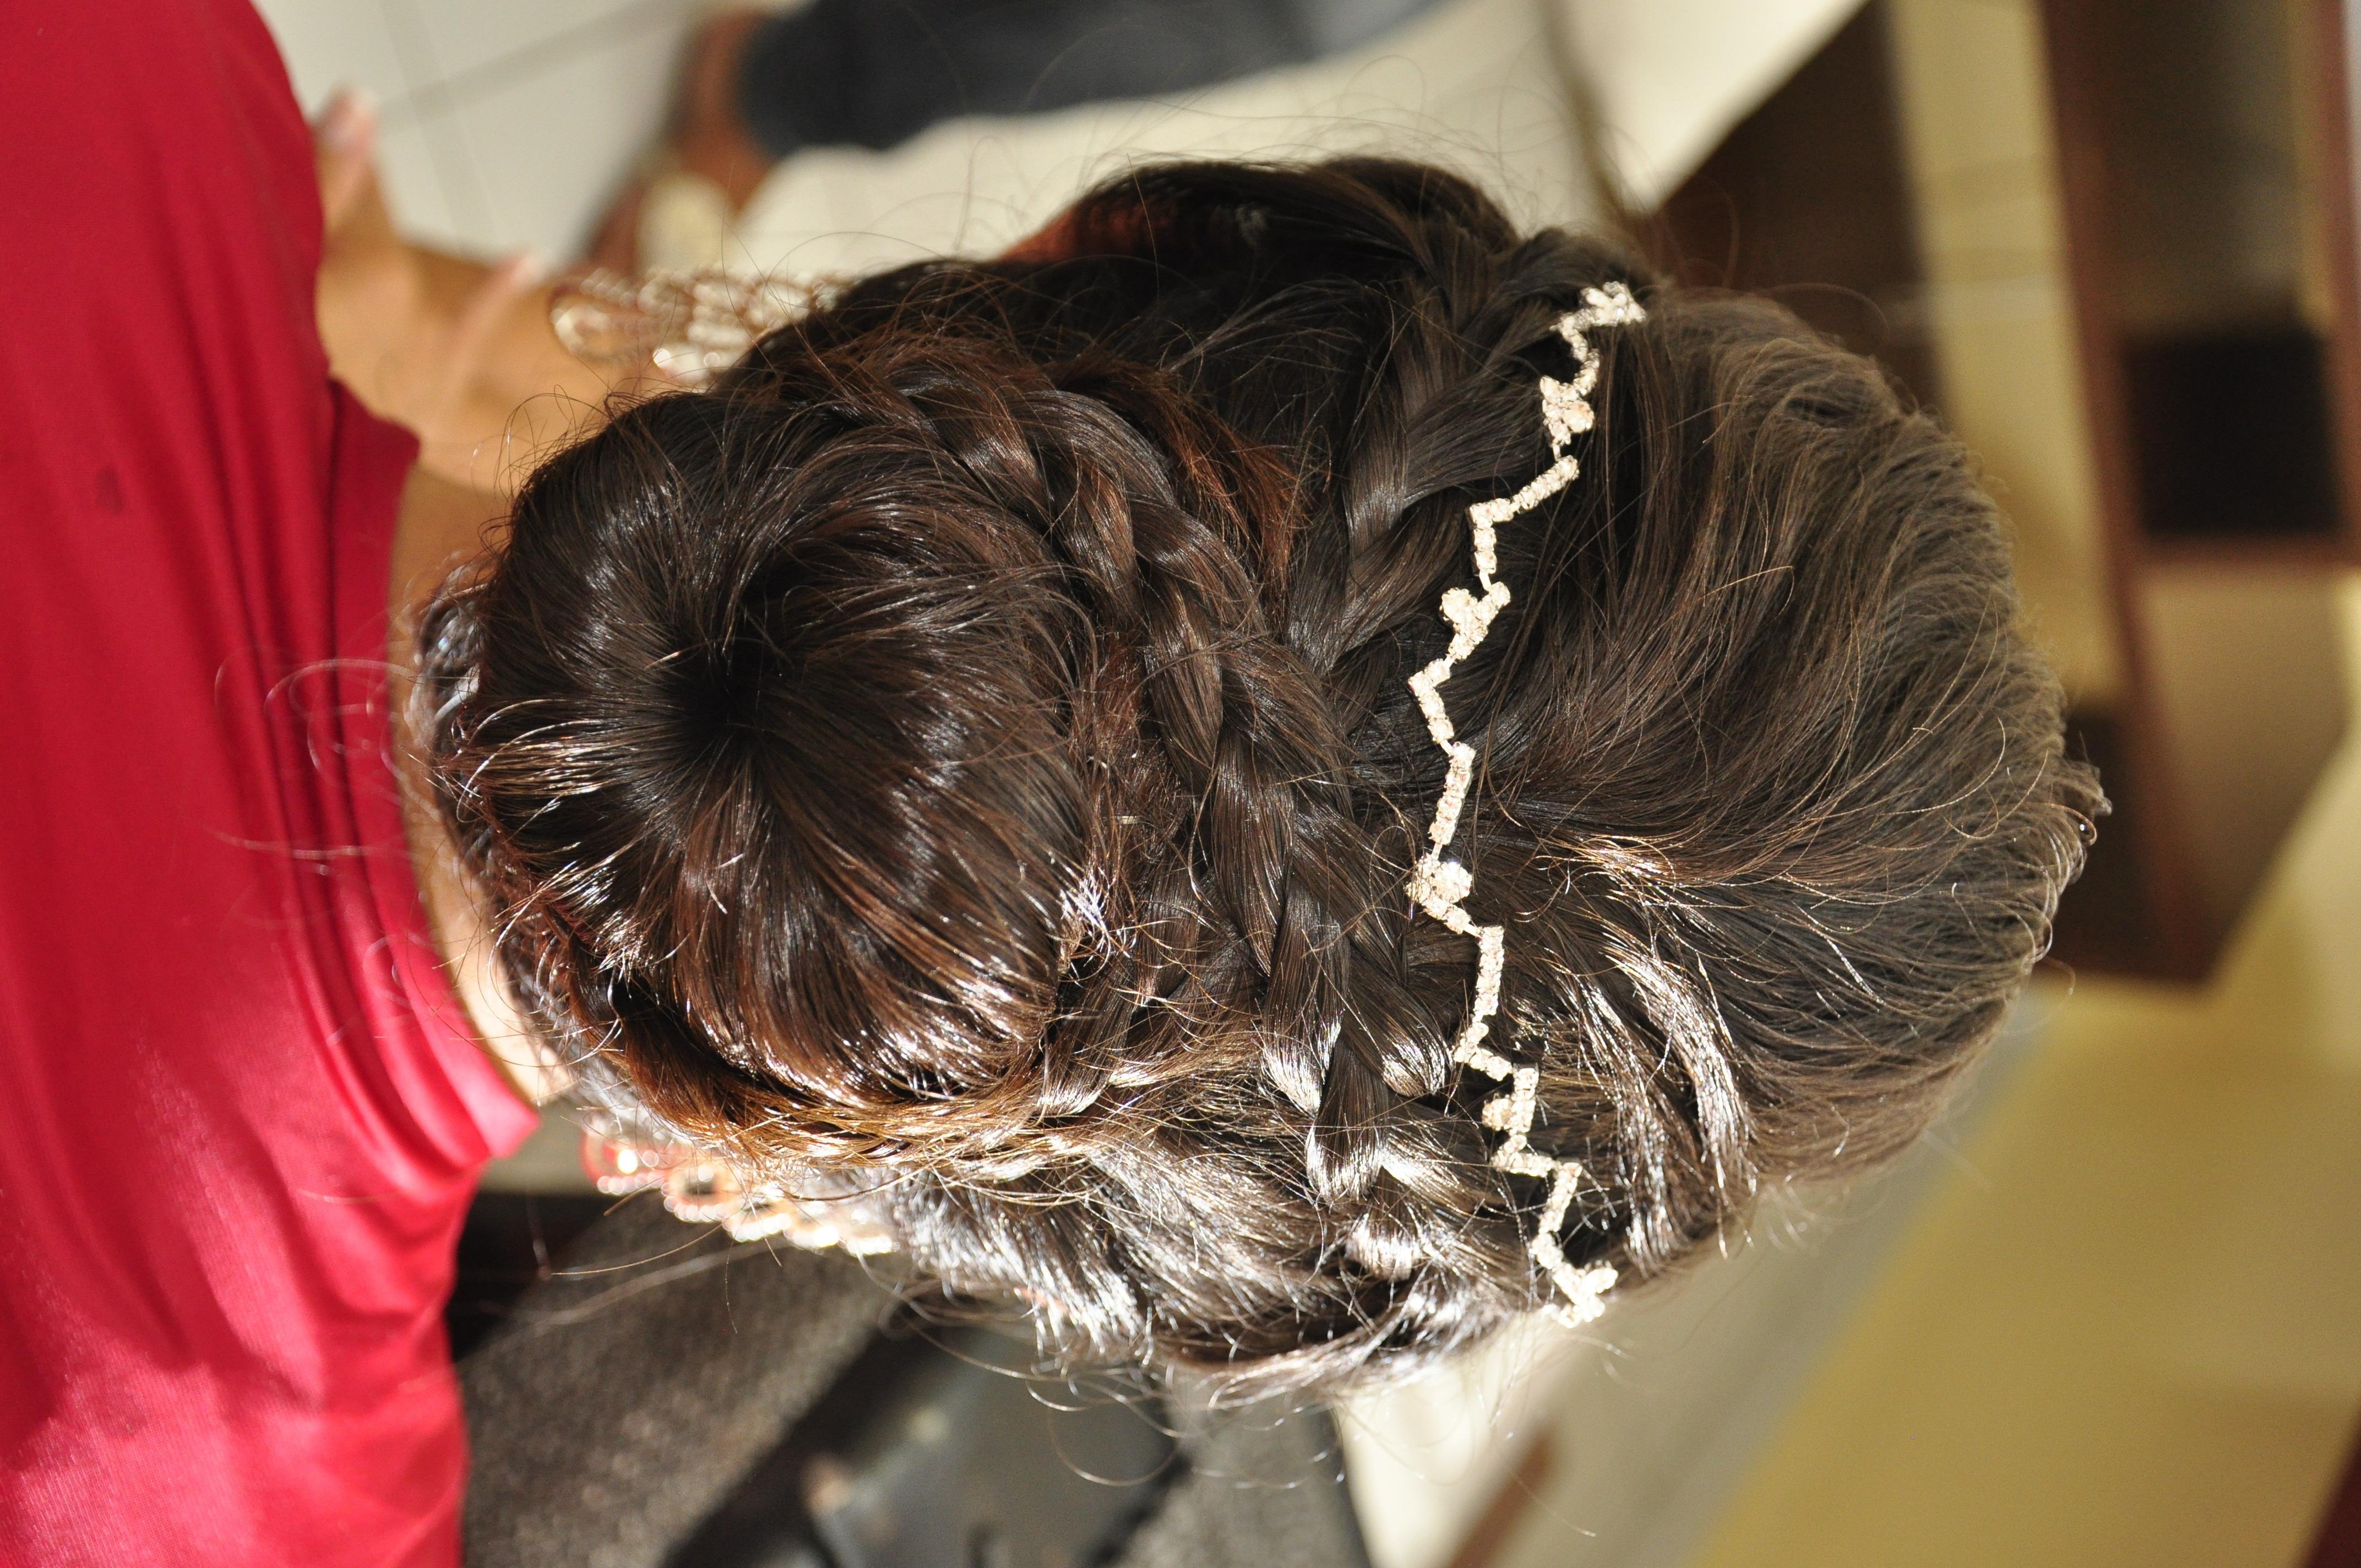 penteado, coque, trança, noiva cabelo  cabeleireiro(a) maquiador(a) estudante